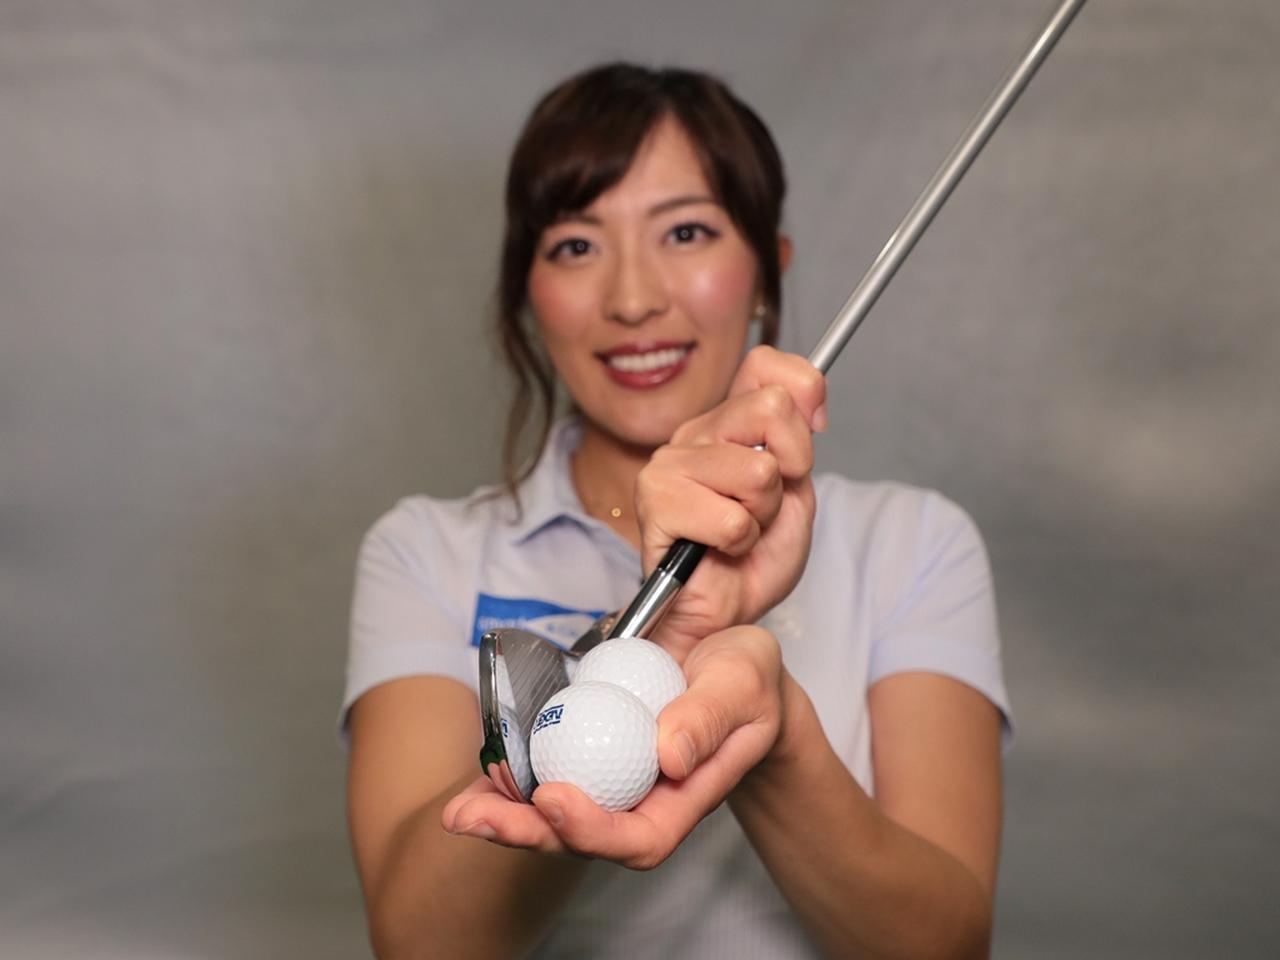 画像: スクェアインパクトが身につく! 美女プロ・小澤美奈瀬が教える「ボール2個打ちドリル」【動画あり】 - みんなのゴルフダイジェスト